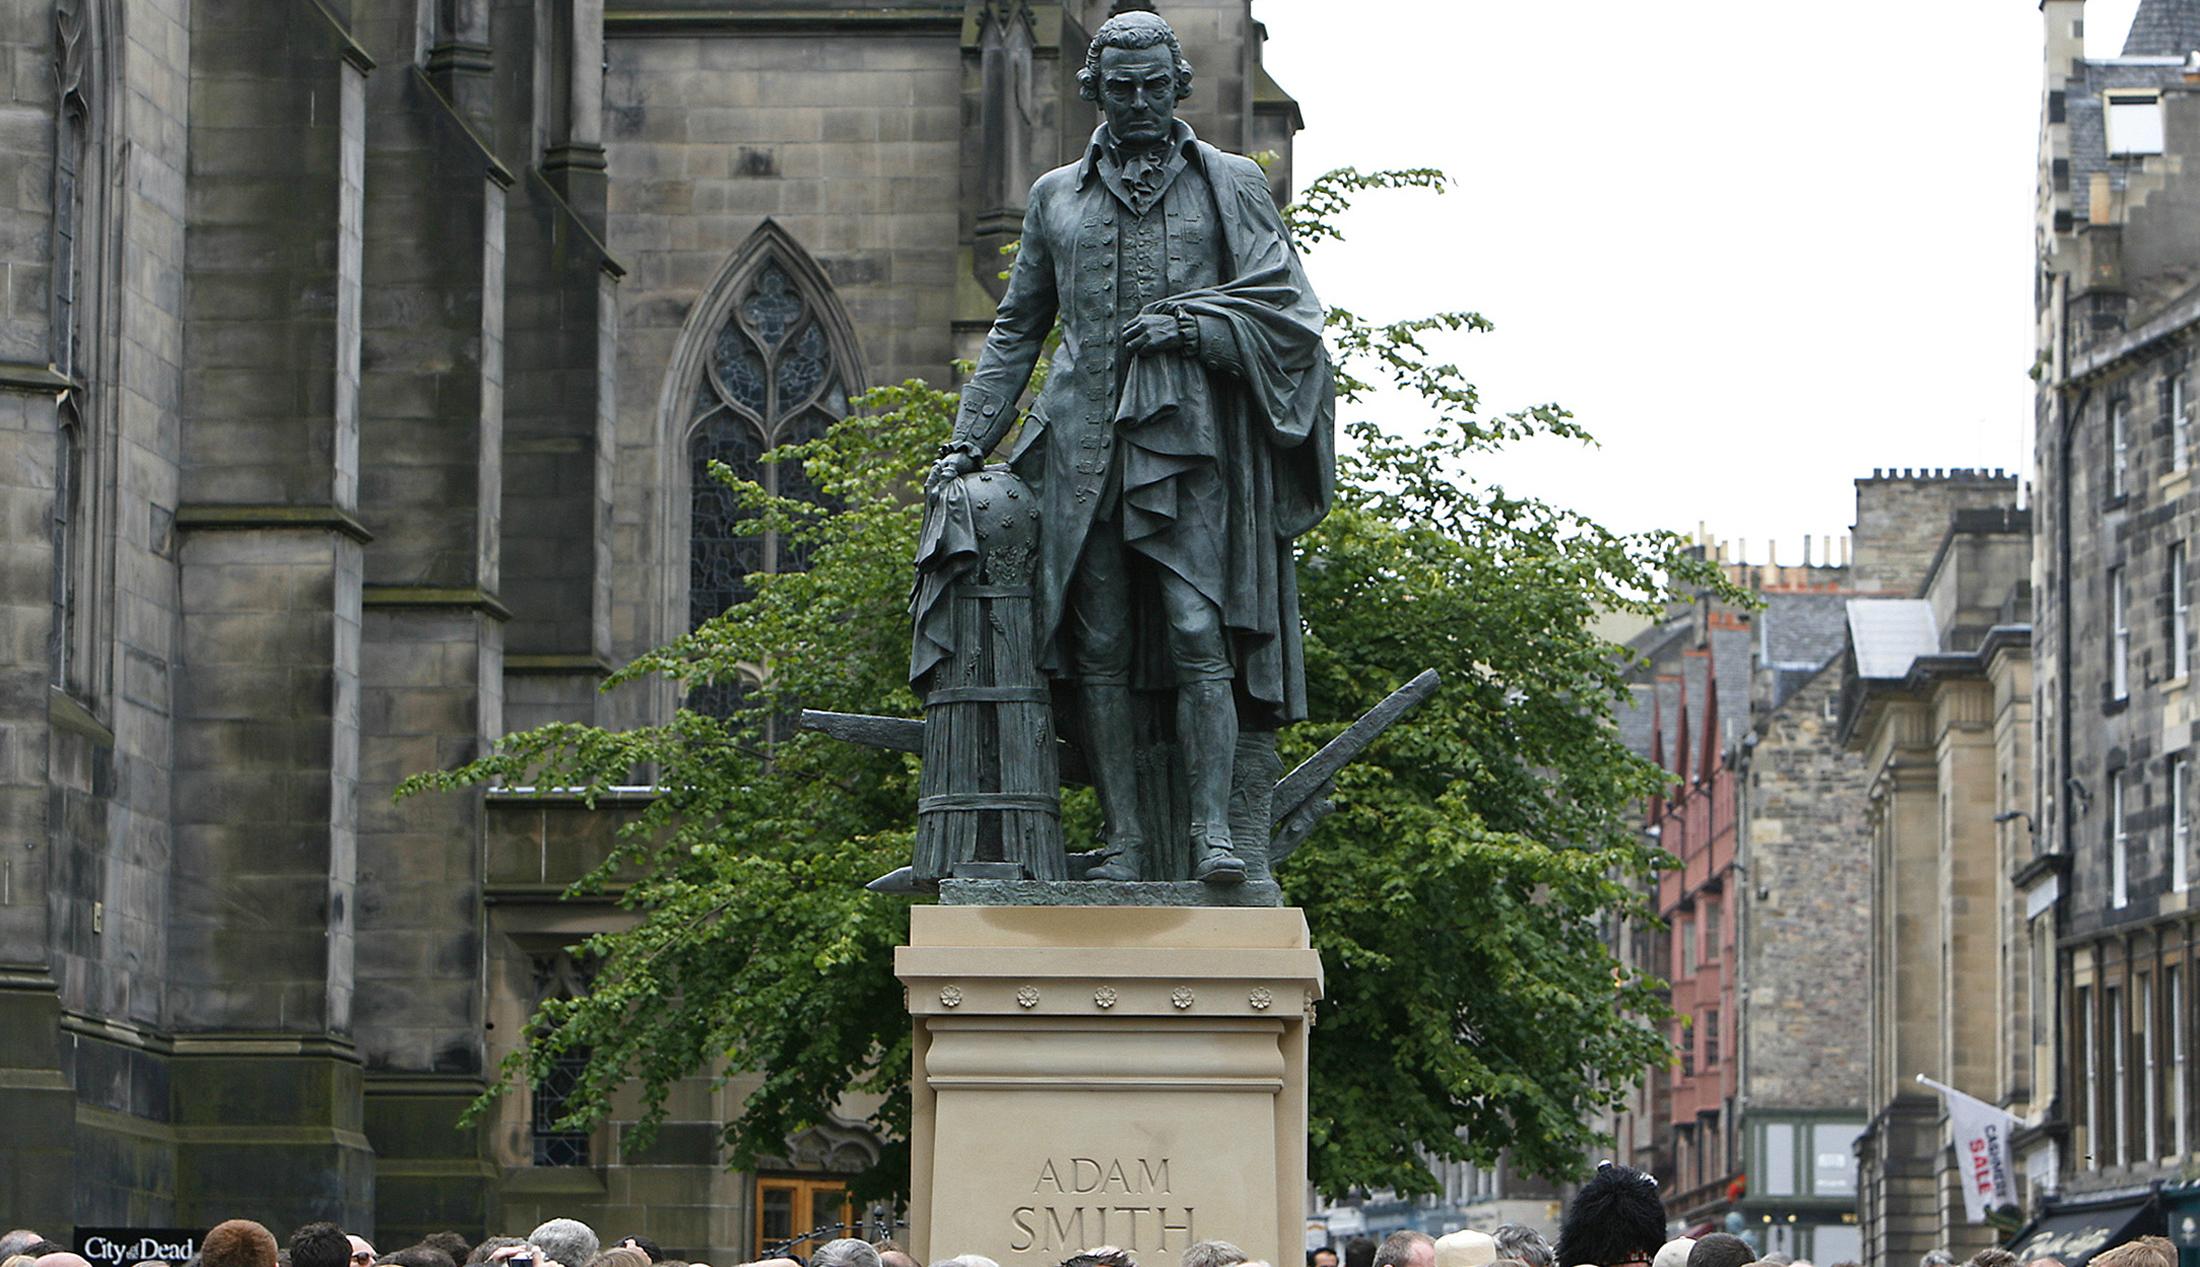 A statue of Adam Smith